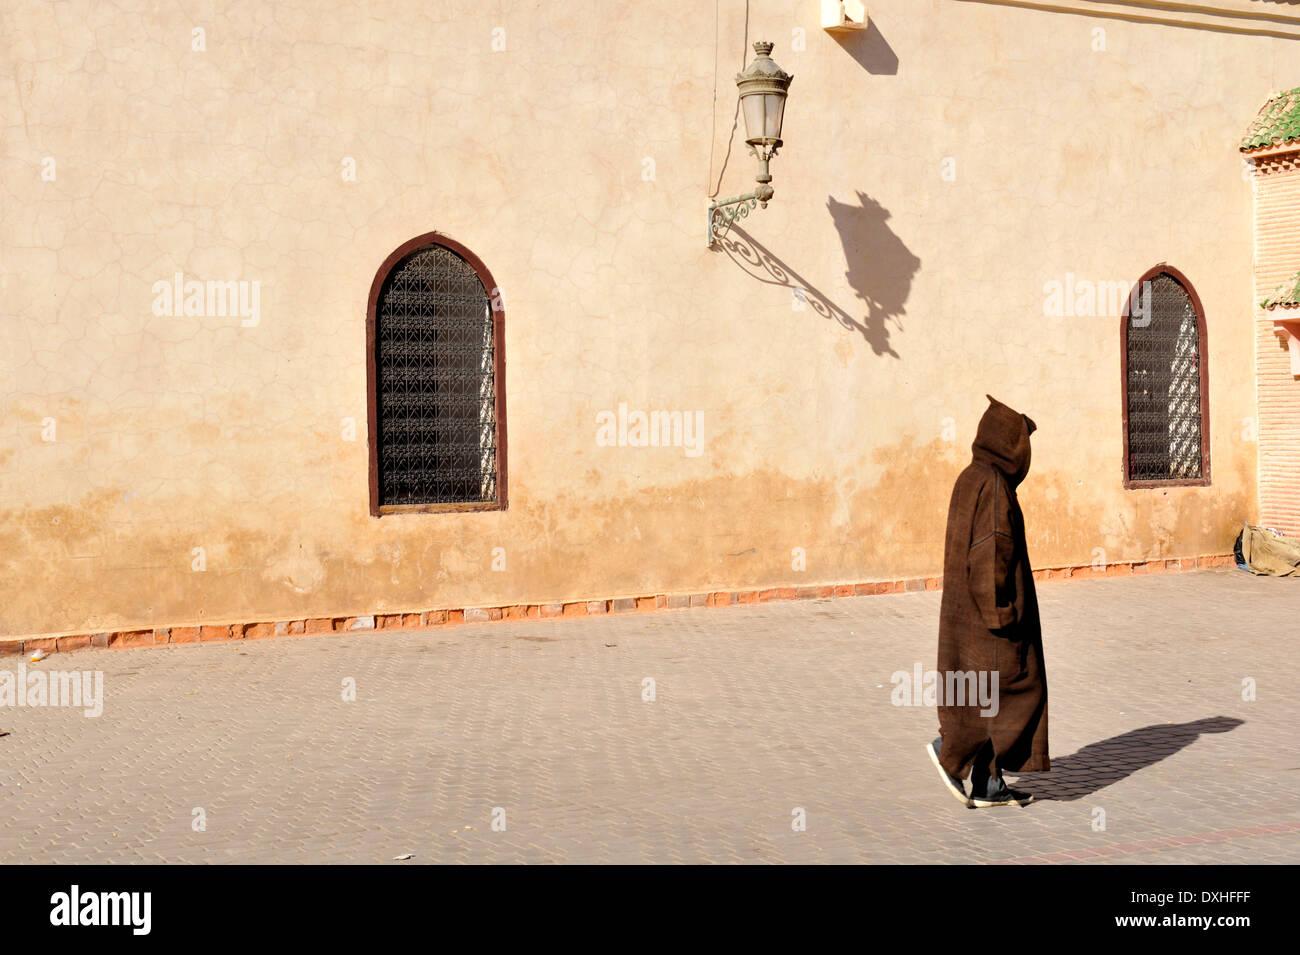 Berber, marokkanisch, Mann in traditionellen hooded Robe zu Fuß durch Wand, Marrakesch, Marokko Stockbild